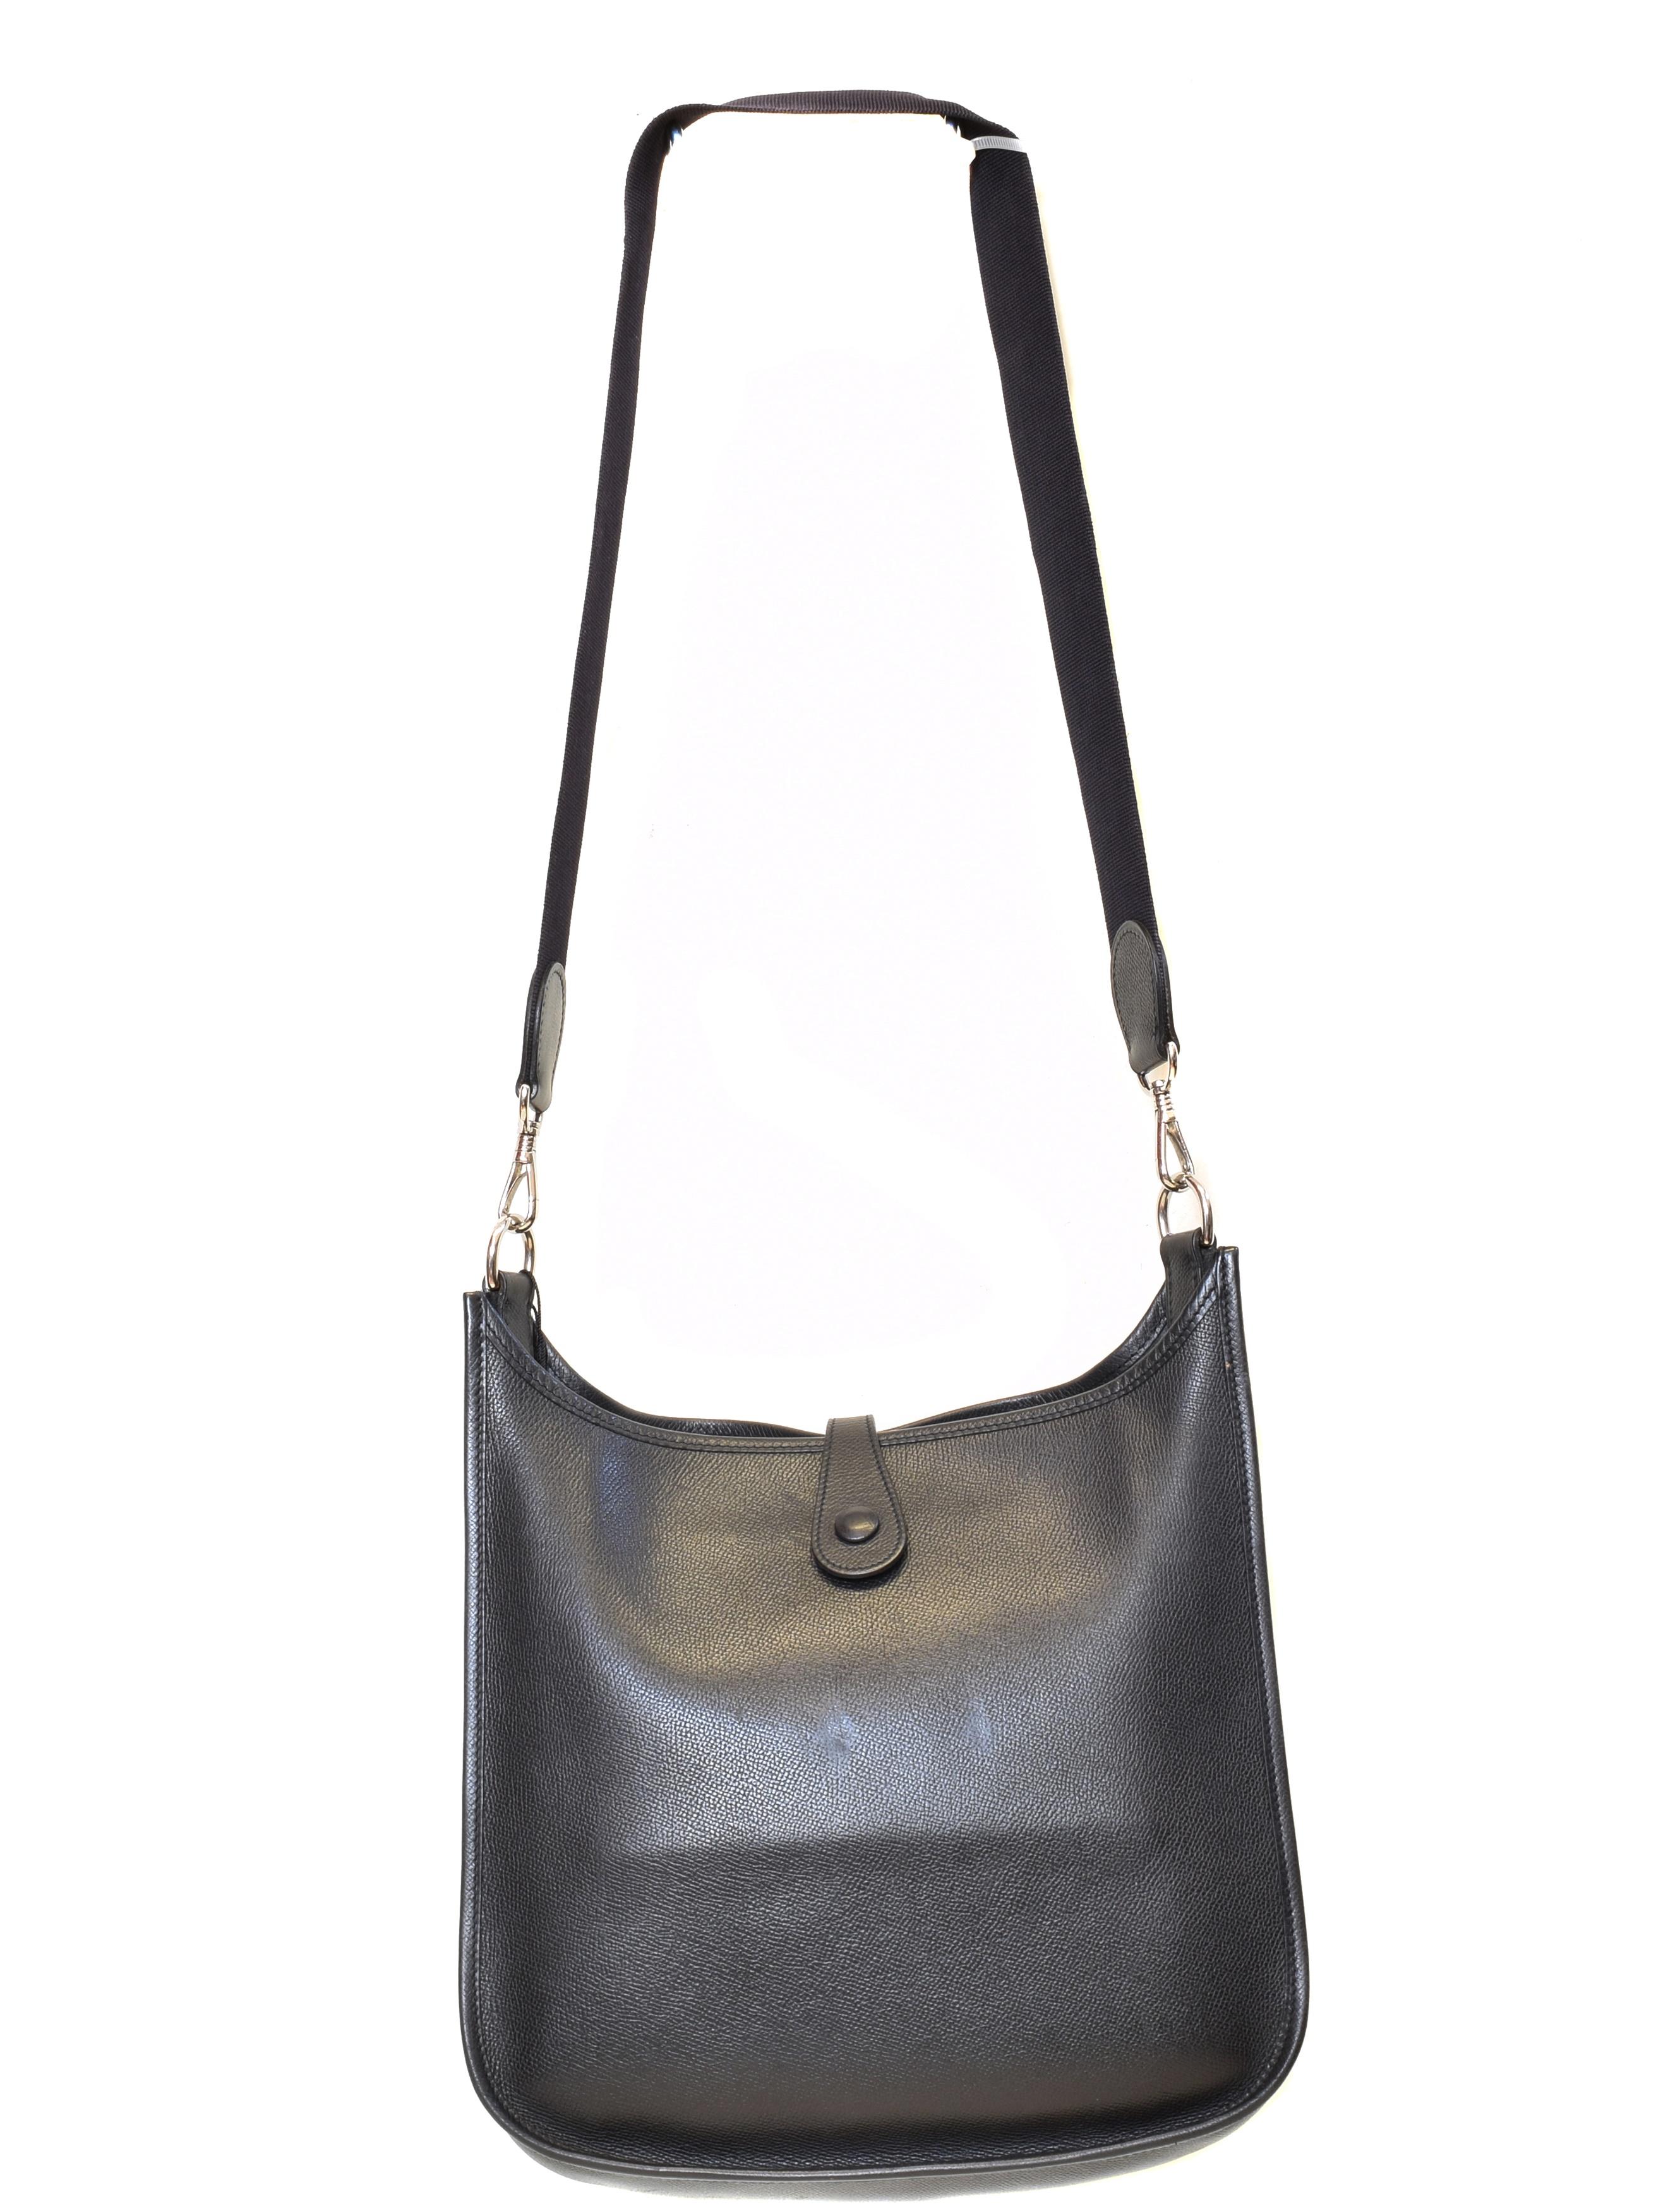 A Hermes Evelyne 29 Shoulder Bag, - Image 2 of 3